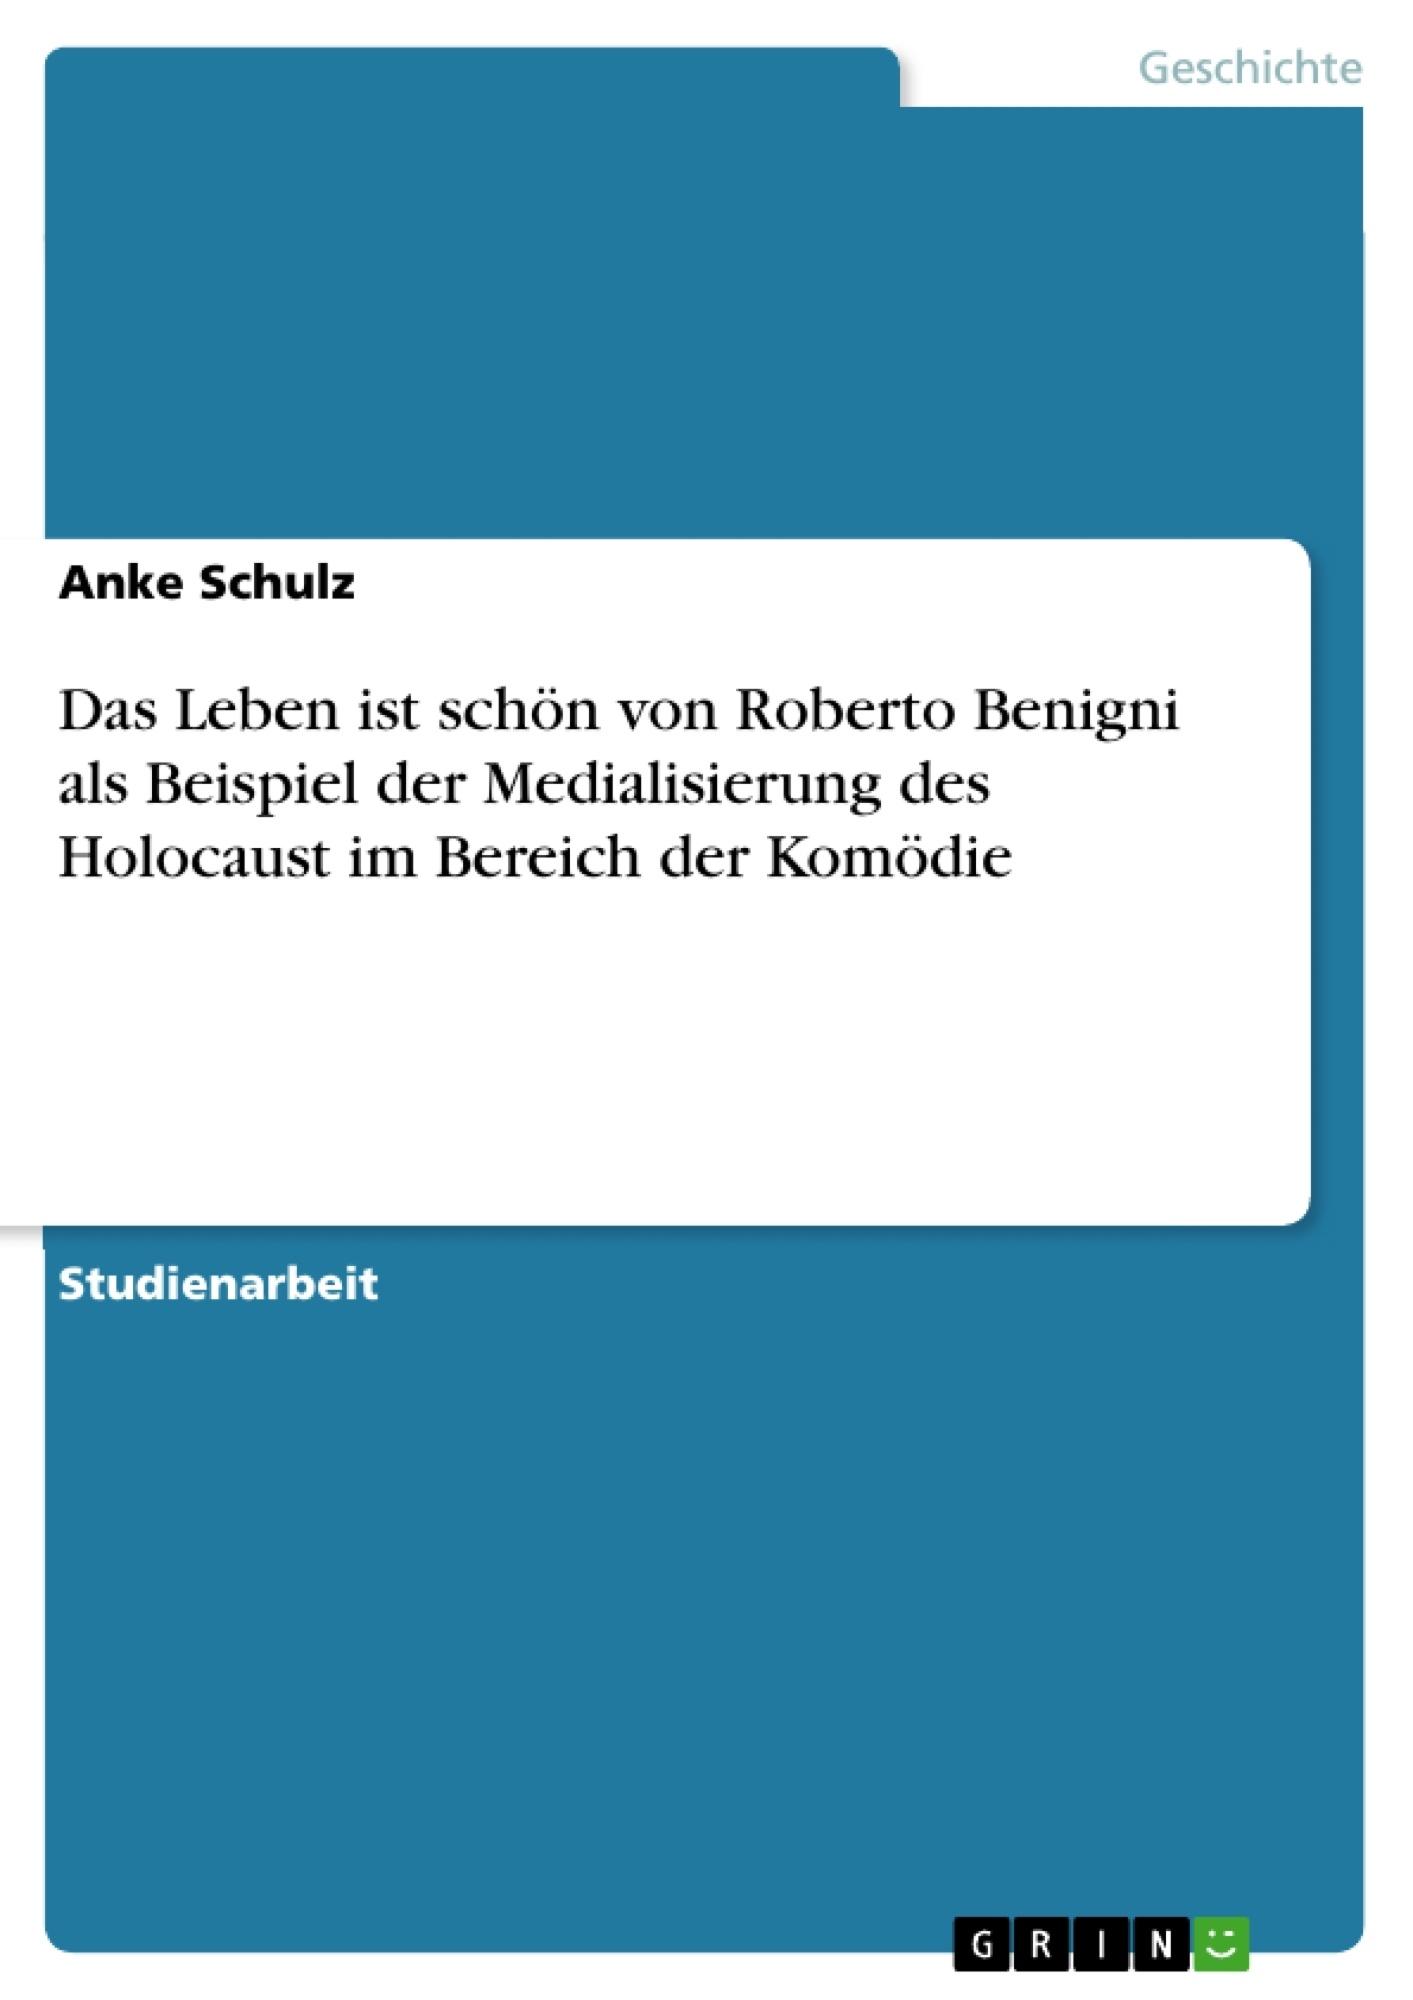 Titel: Das Leben ist schön von Roberto Benigni als Beispiel der Medialisierung des Holocaust im Bereich der Komödie